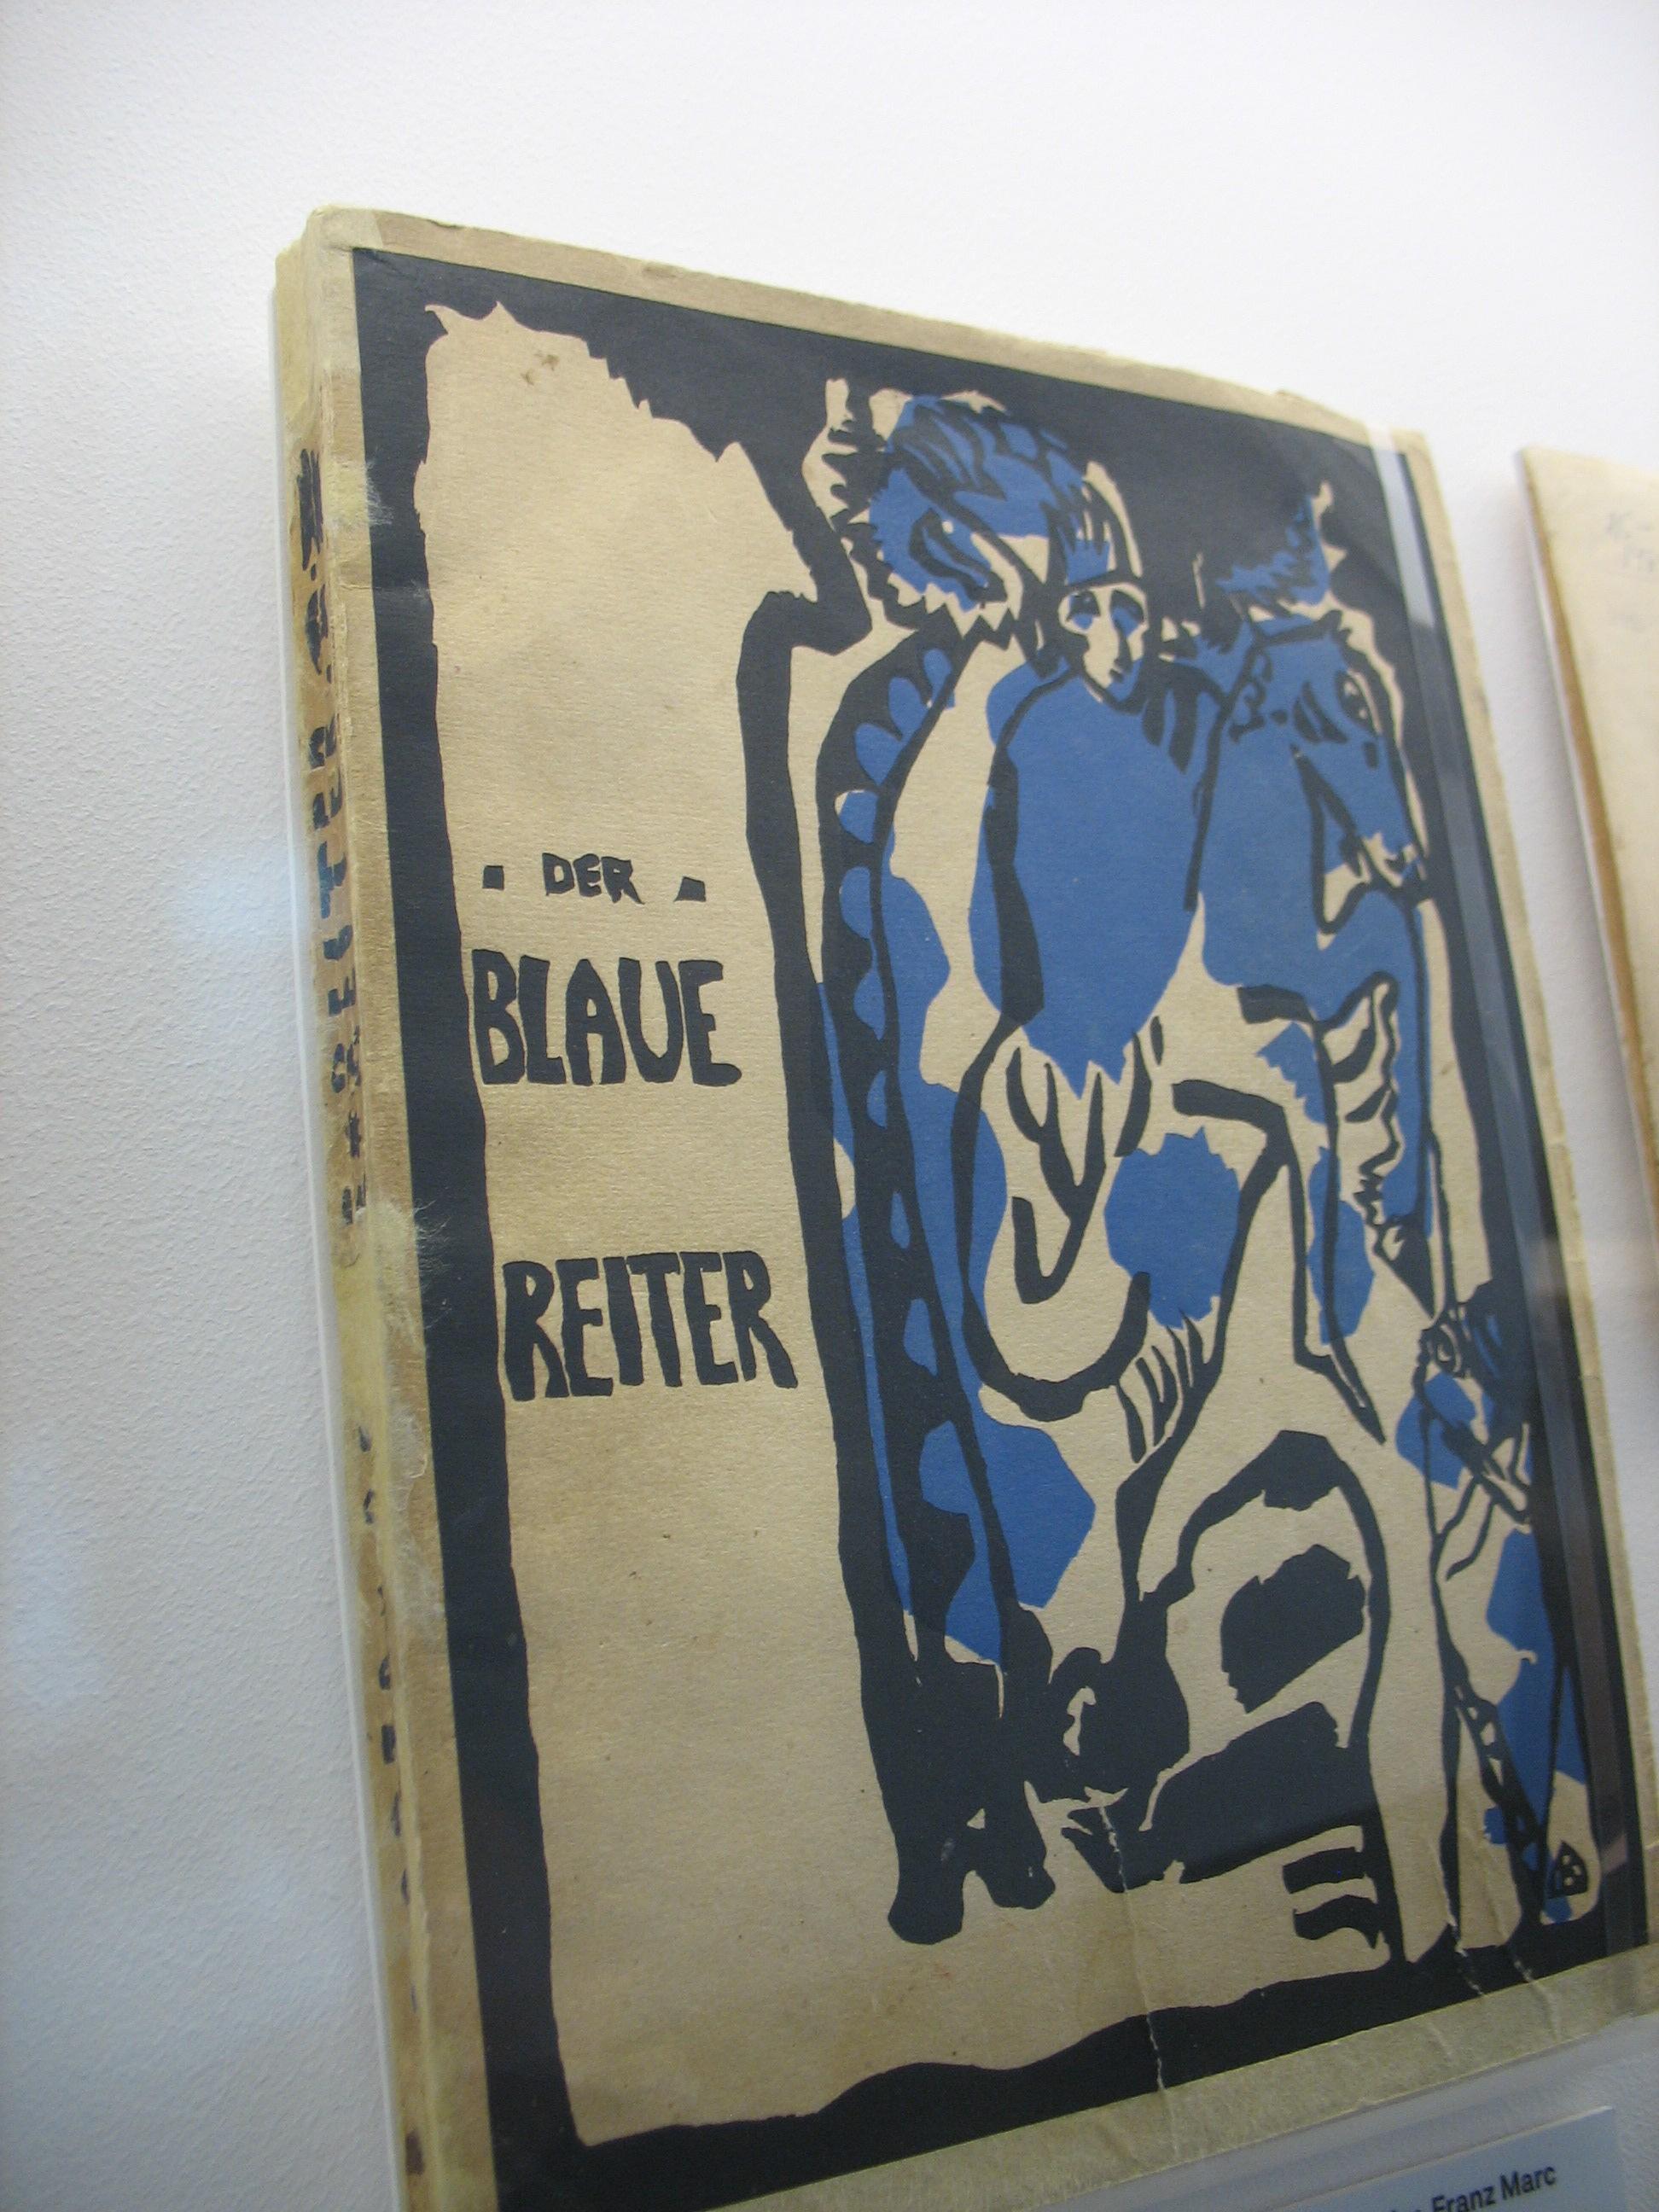 almanach der blaue reiter 1912 covergestaltung von wassily kandinsky - Wassily Kandinsky Lebenslauf